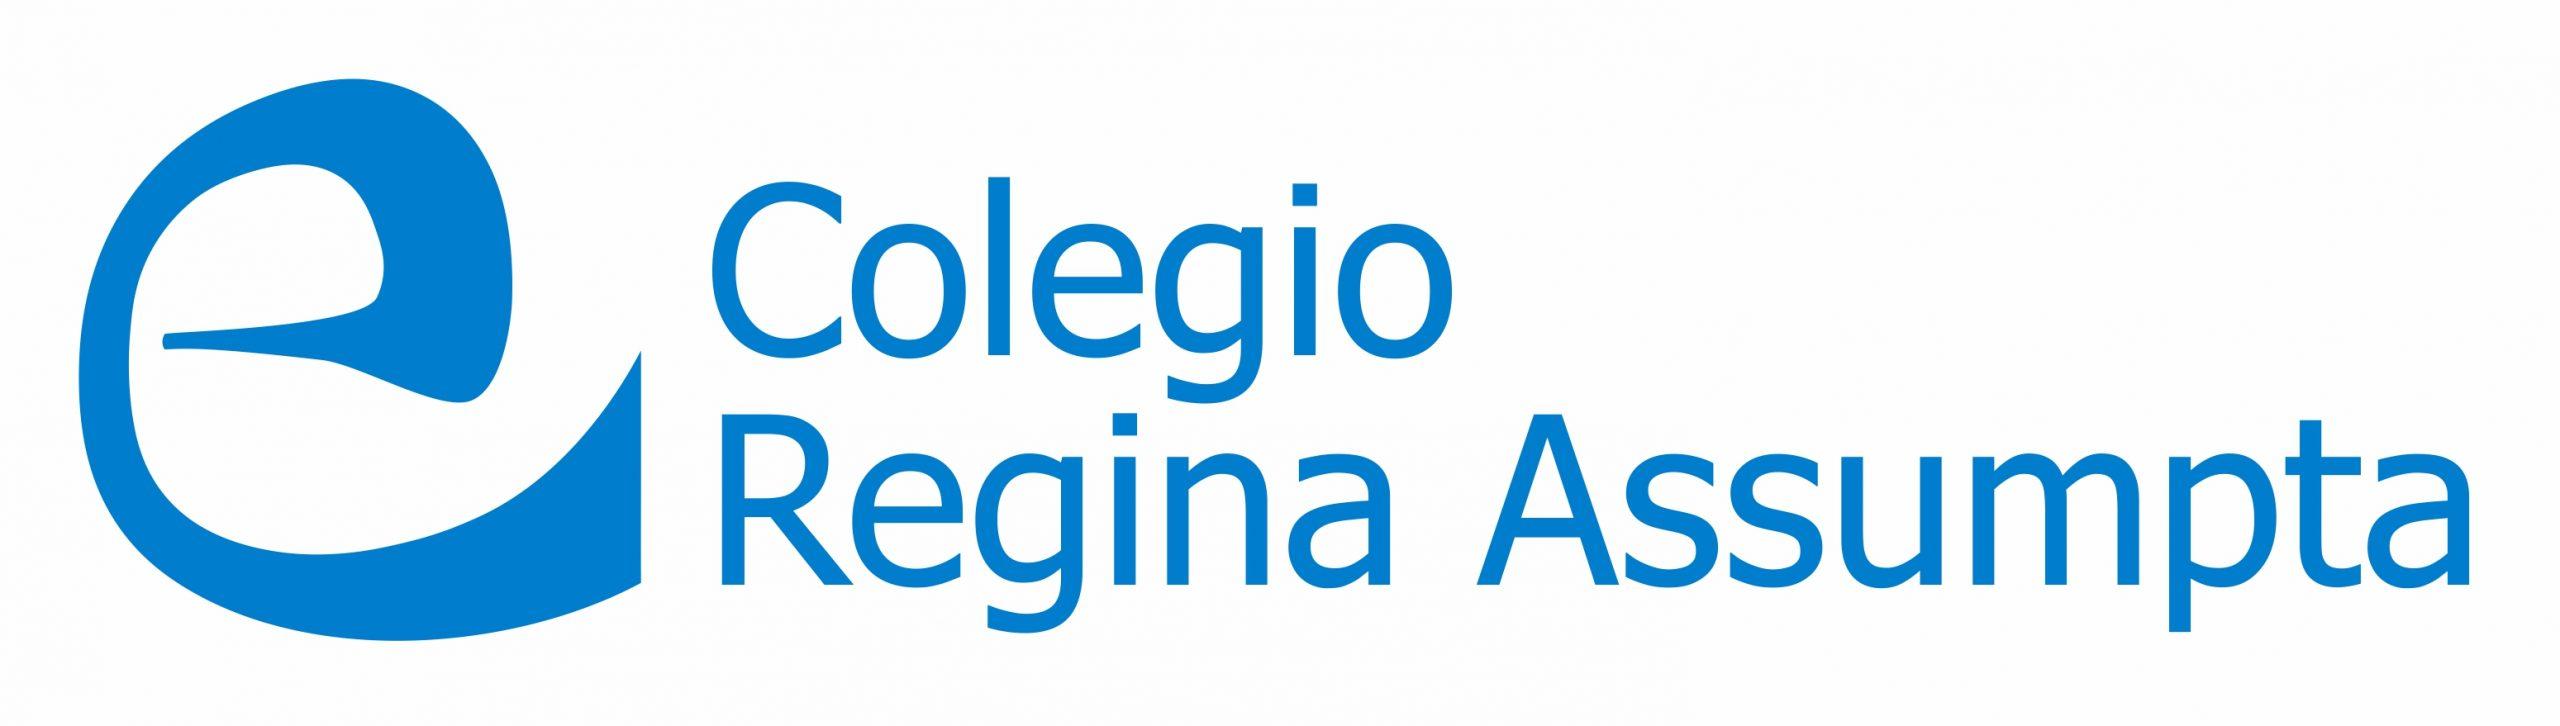 Colegio Regina Assumpta